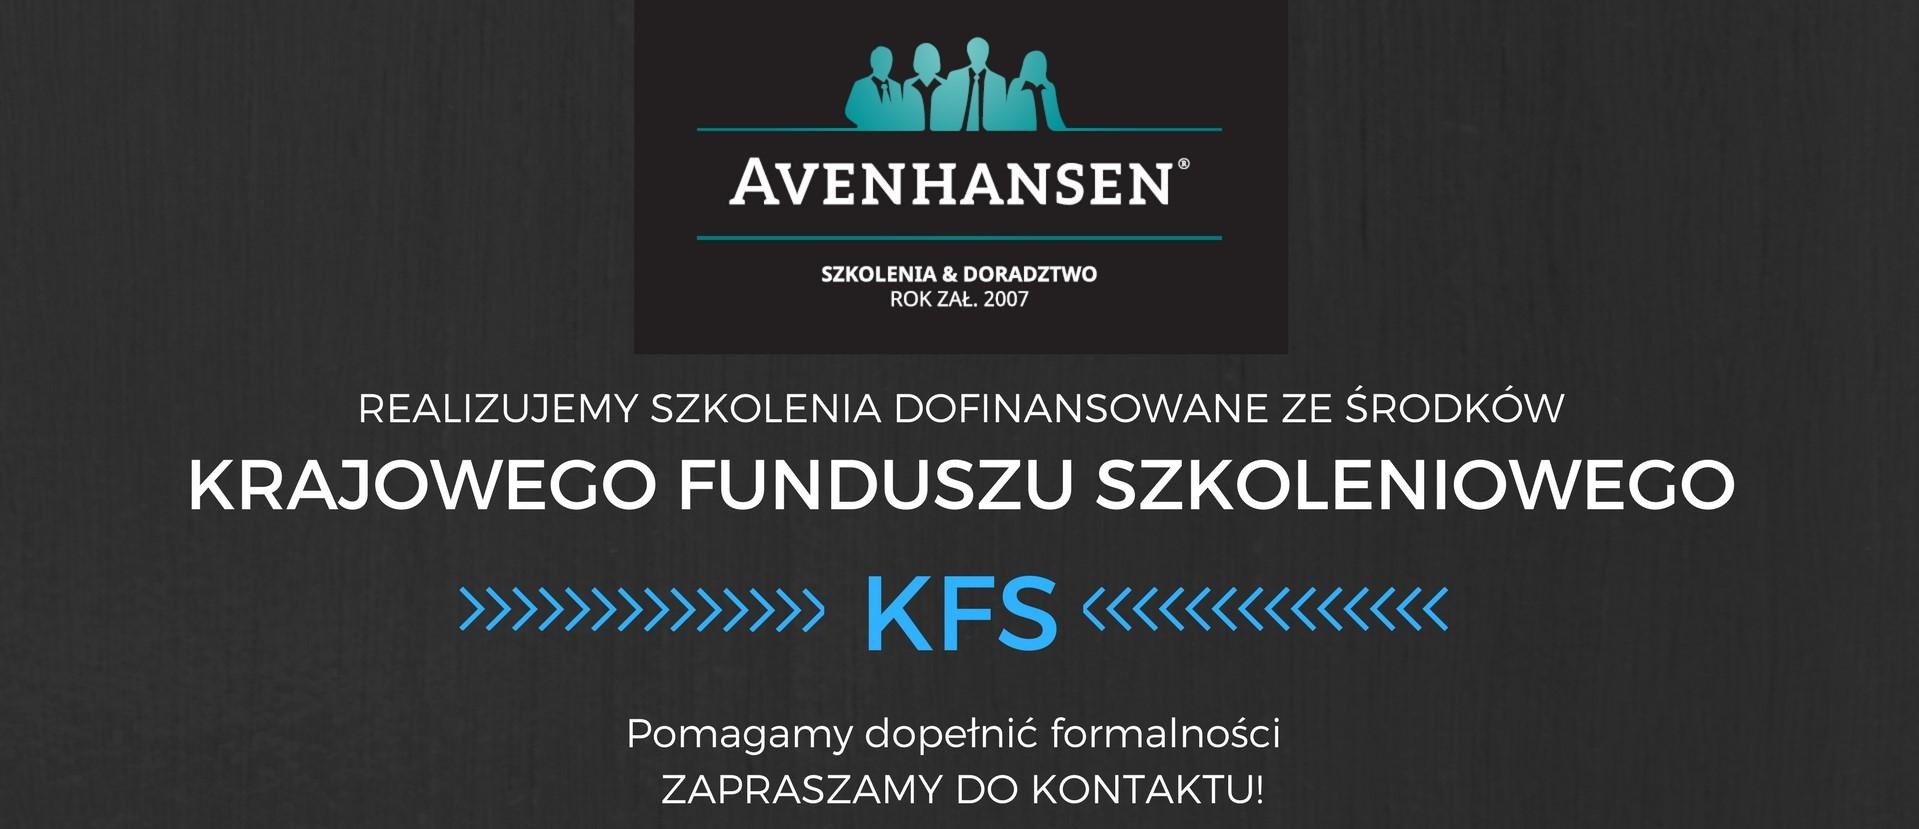 Realizujemy szkolenia dofinansowane ze środków KFS